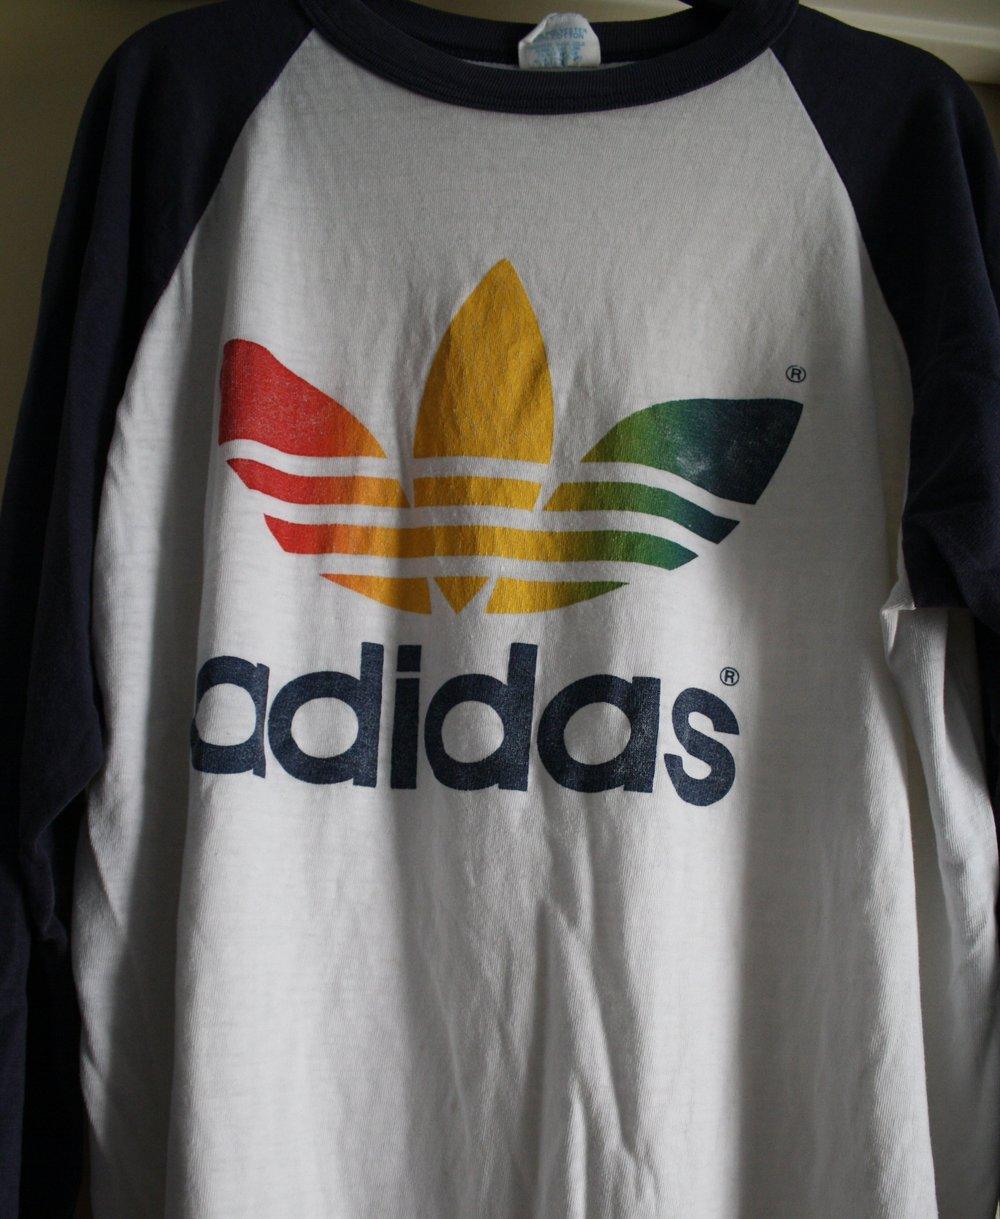 Adidas baseball sleeve vintage tee